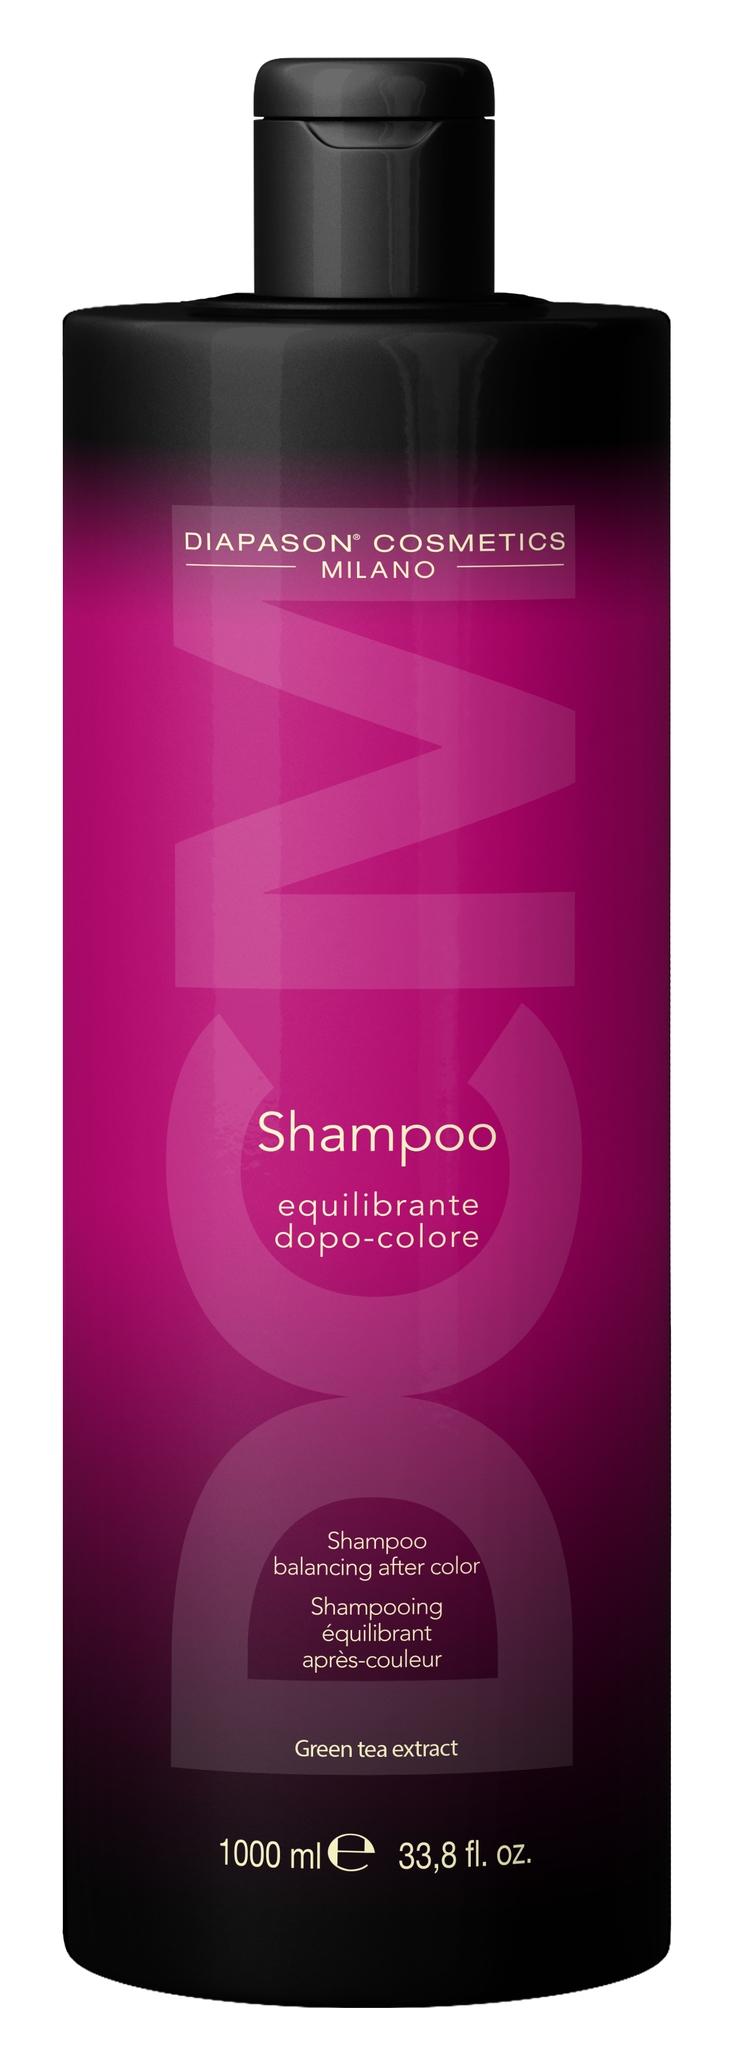 Lisap Шампунь Стабилизатор Цвета с Пониженным Уровнем pH - DCM Balancing After Color Shampoo, 1000 мл шампунь de luxe стабилизатор цвета 1000 мл